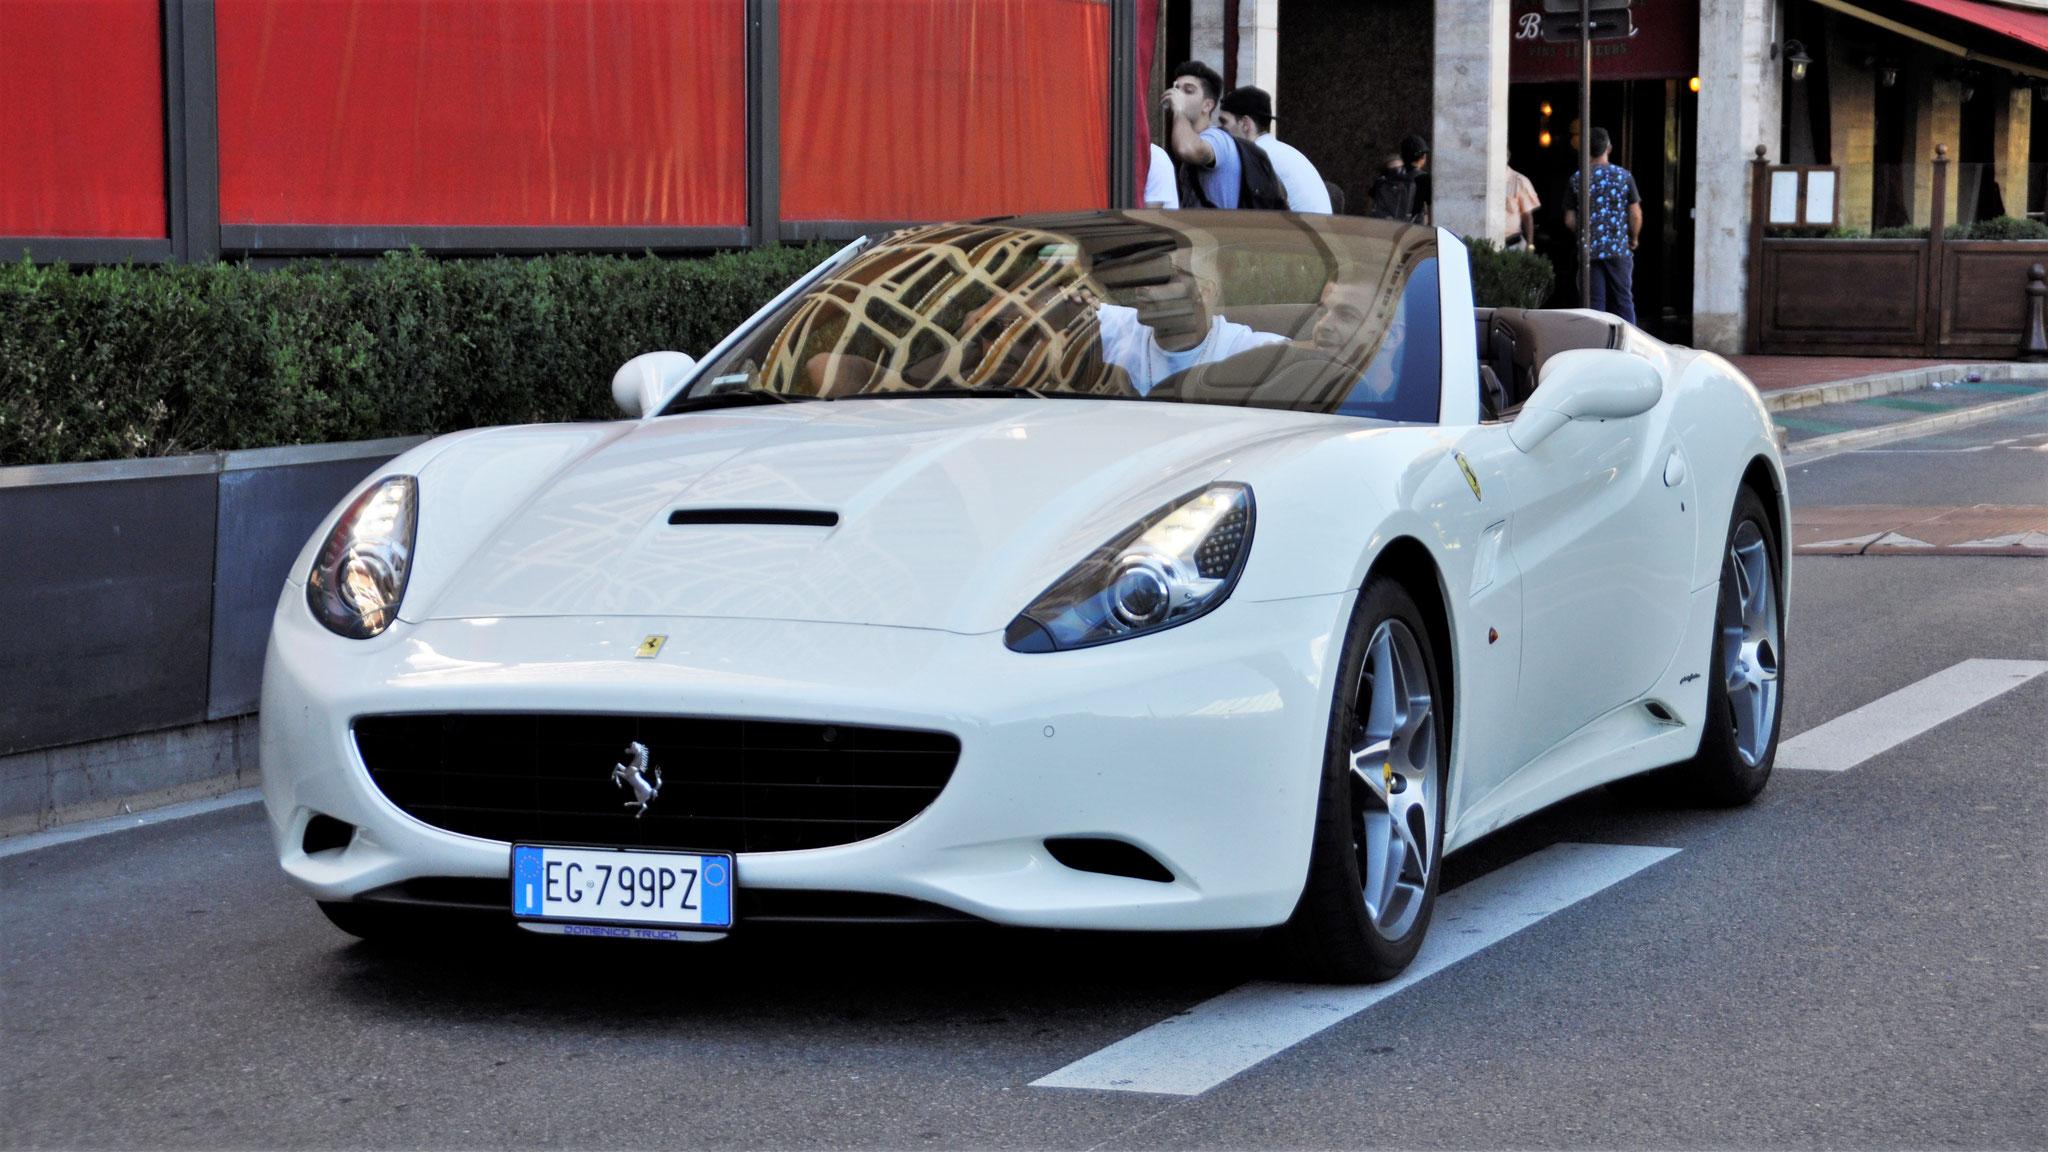 Ferrari California - EG-799-PZ (ITA)